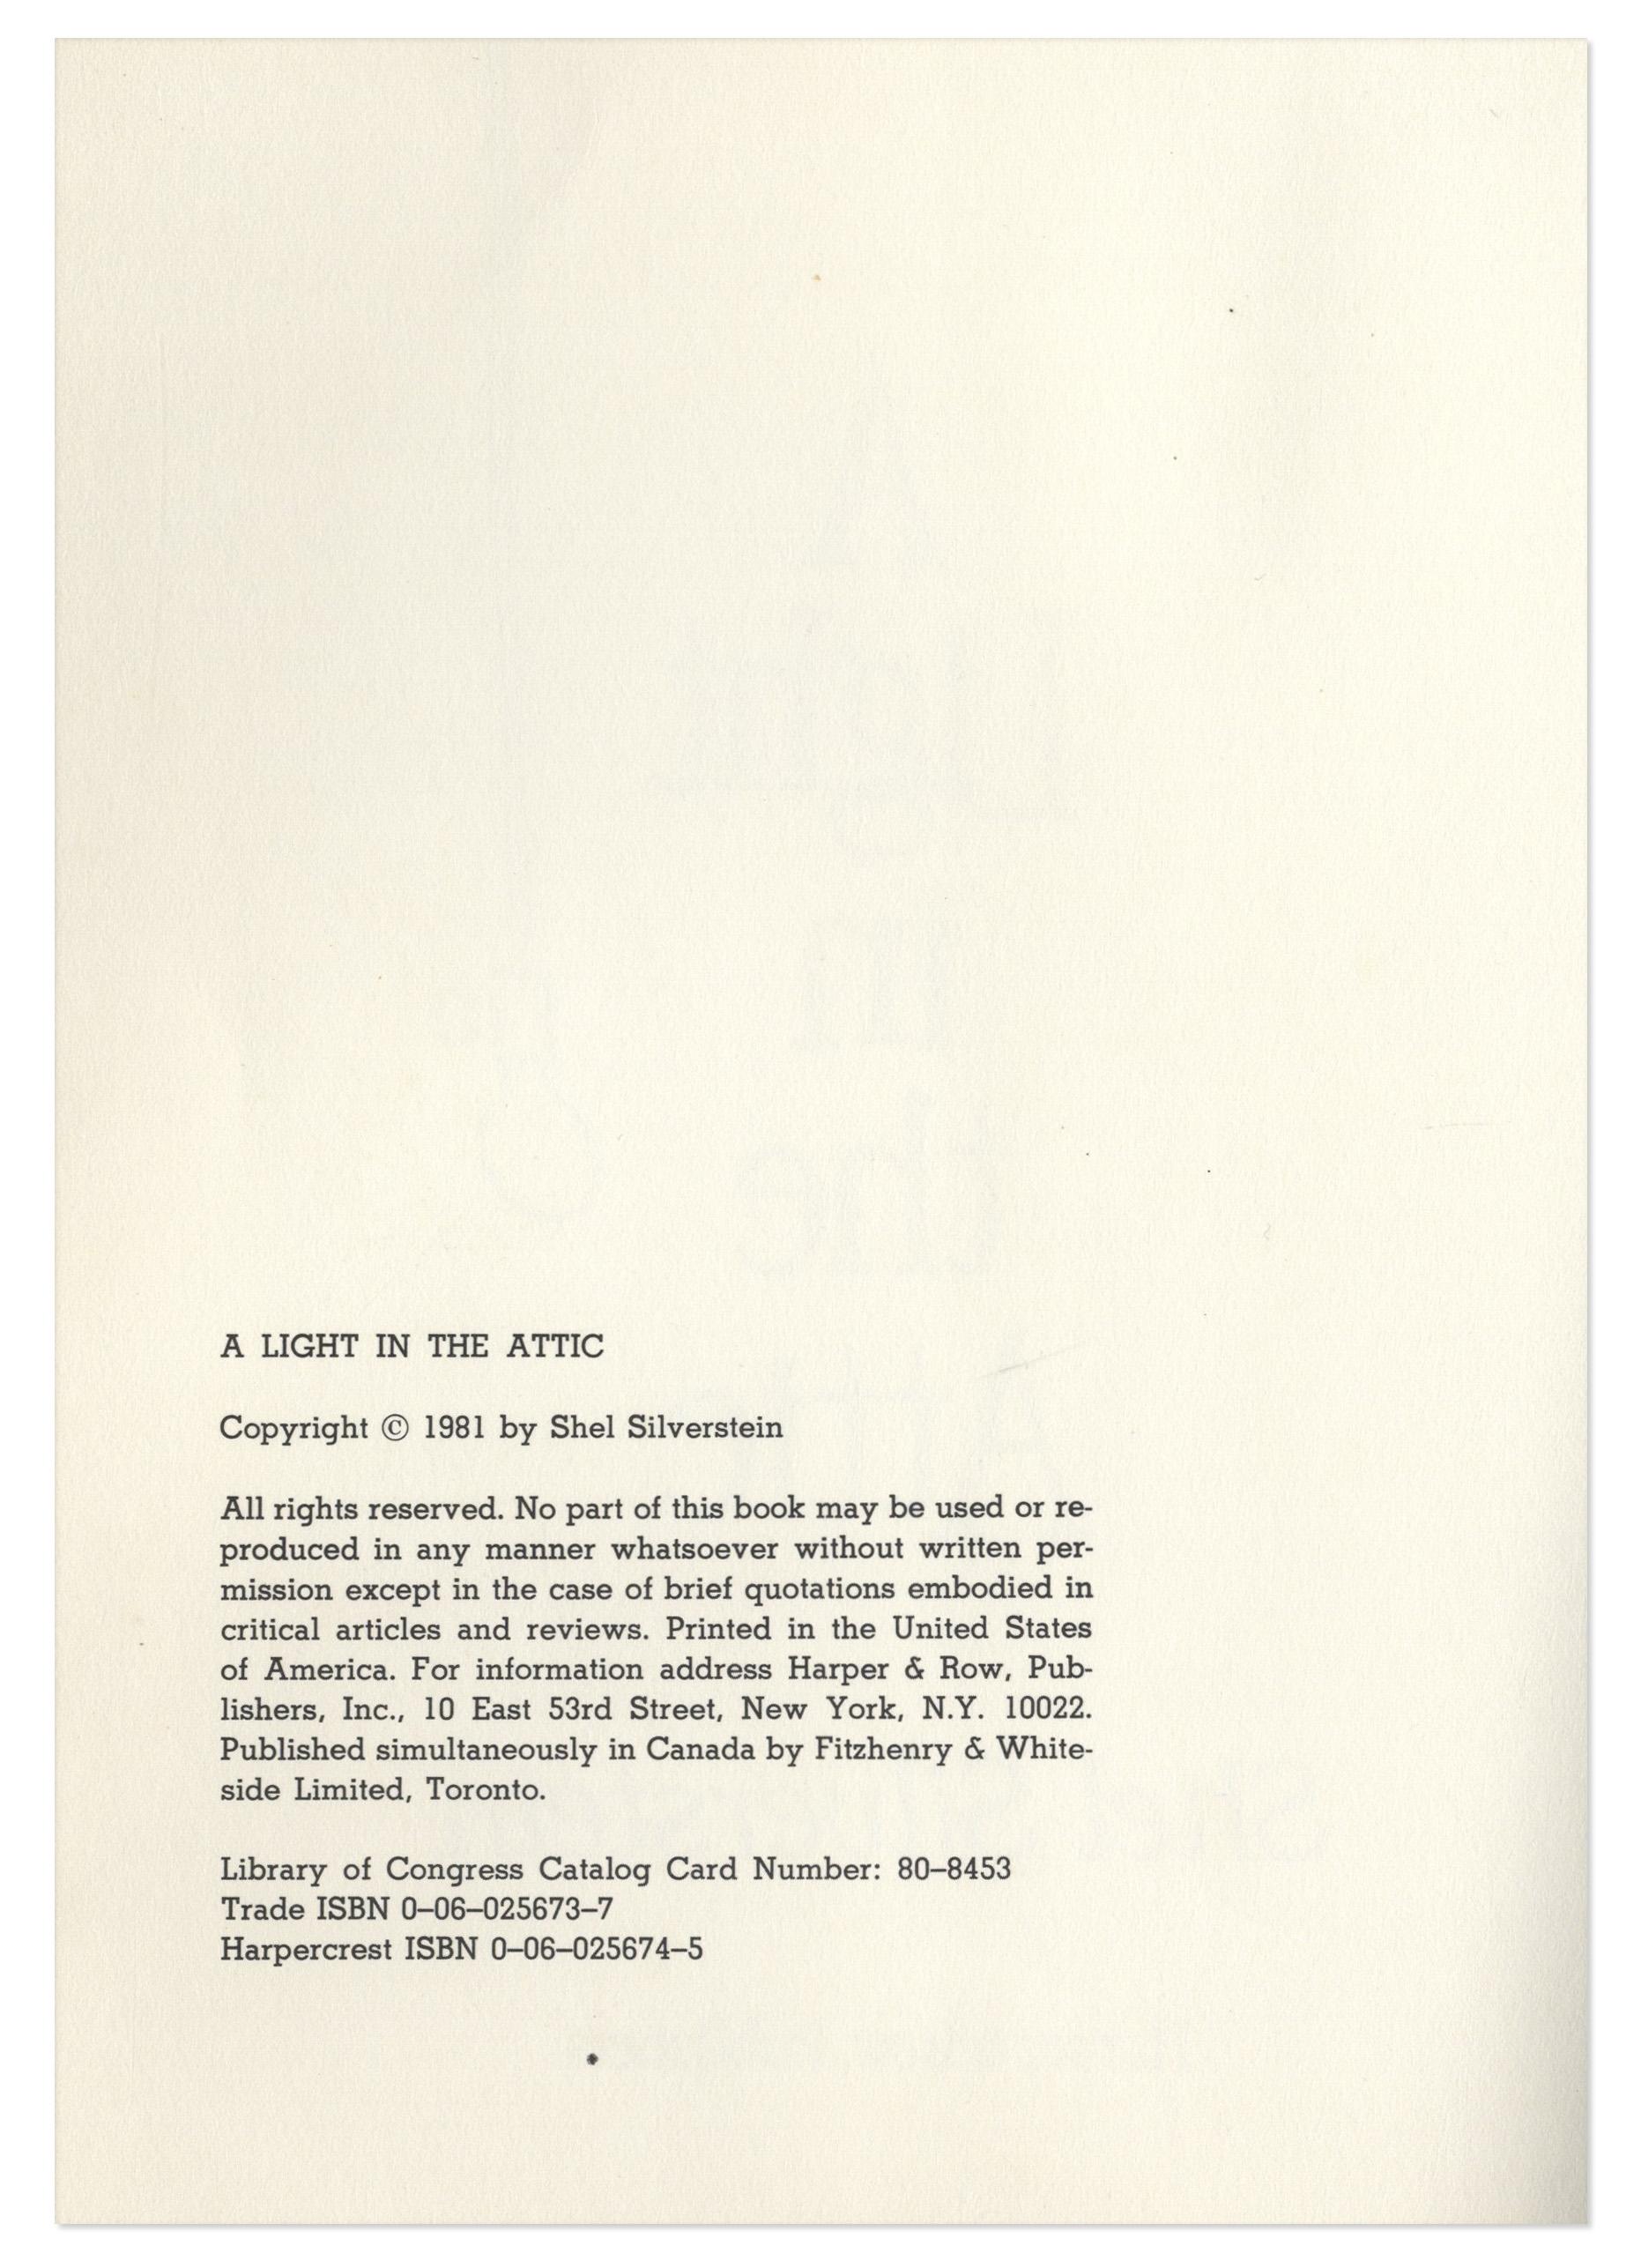 Shel Silverstein Signed First Edition Of U0027u0027A Light In The Atticu0027u0027, ...